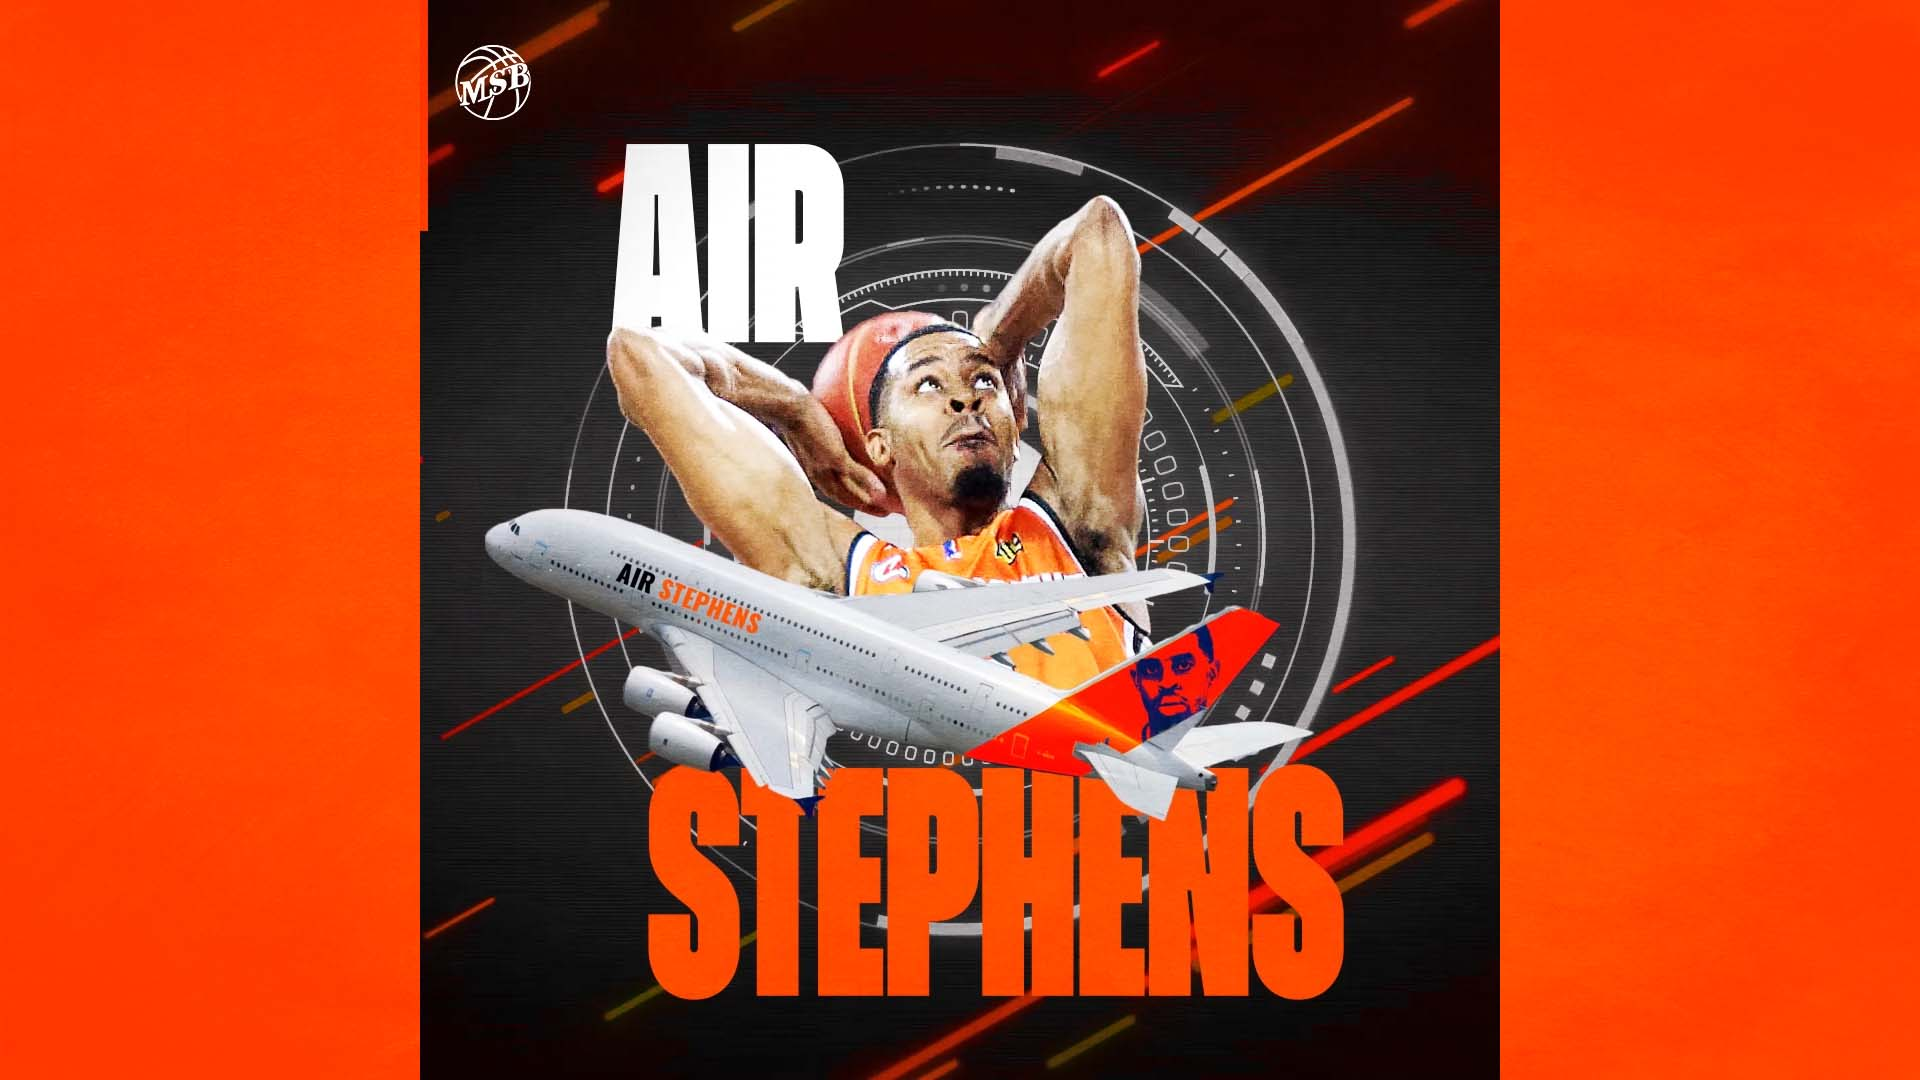 Air Stephens